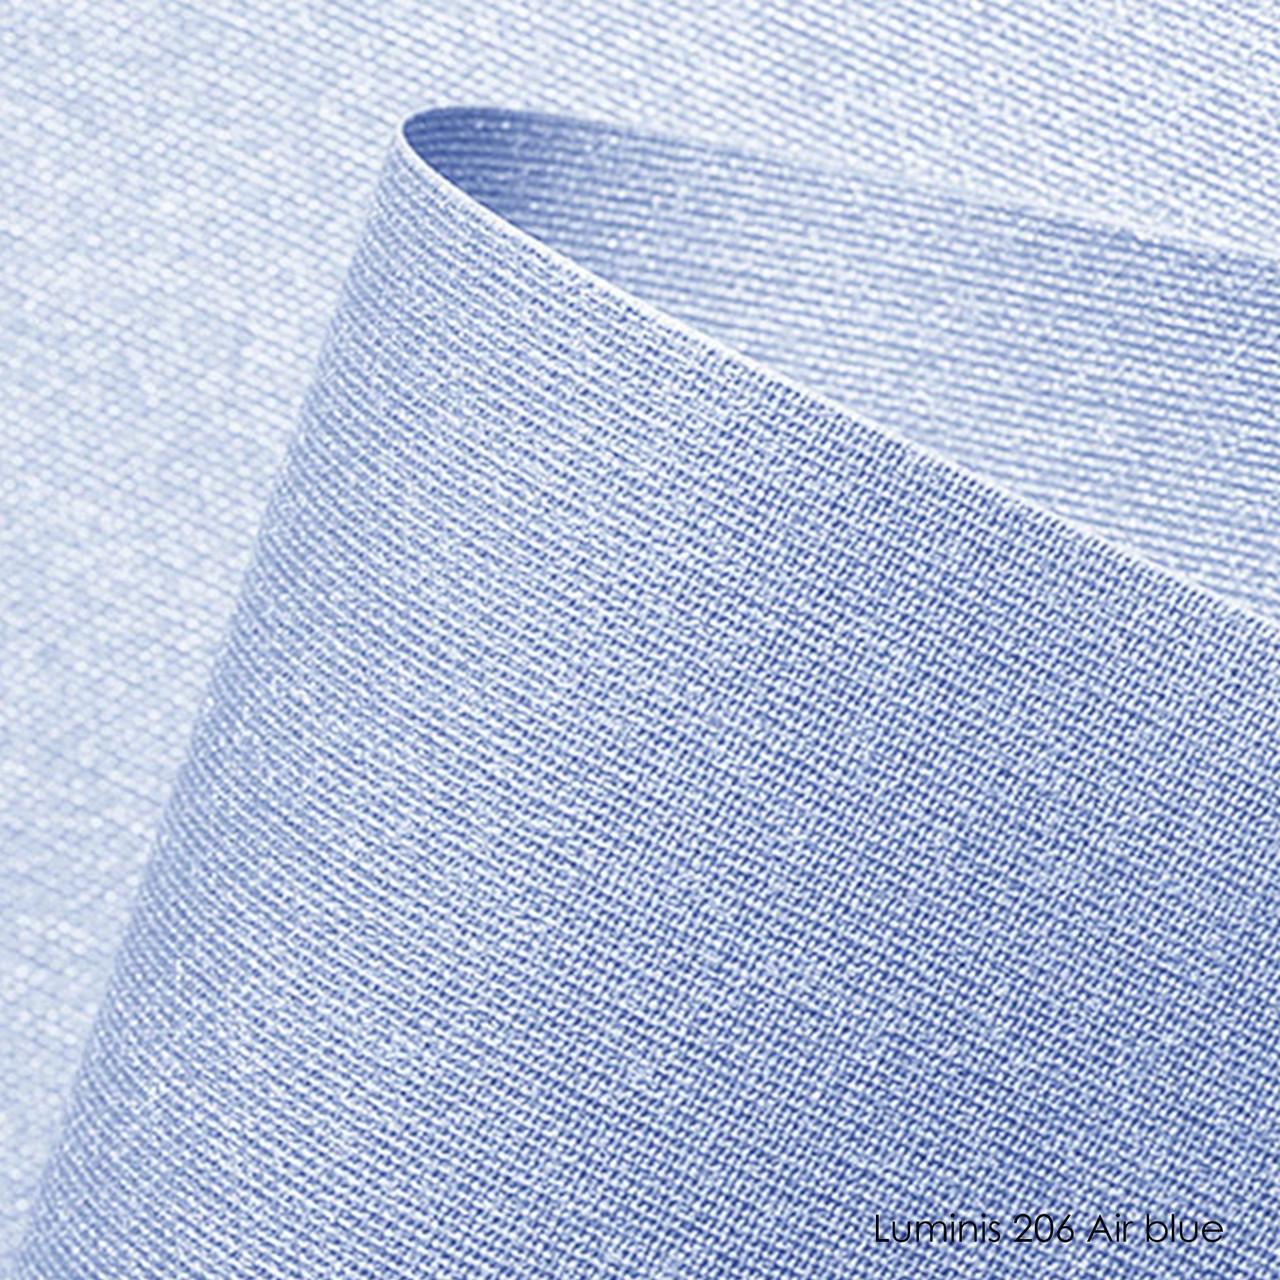 Ролеты тканевые Luminis-206 air-blue